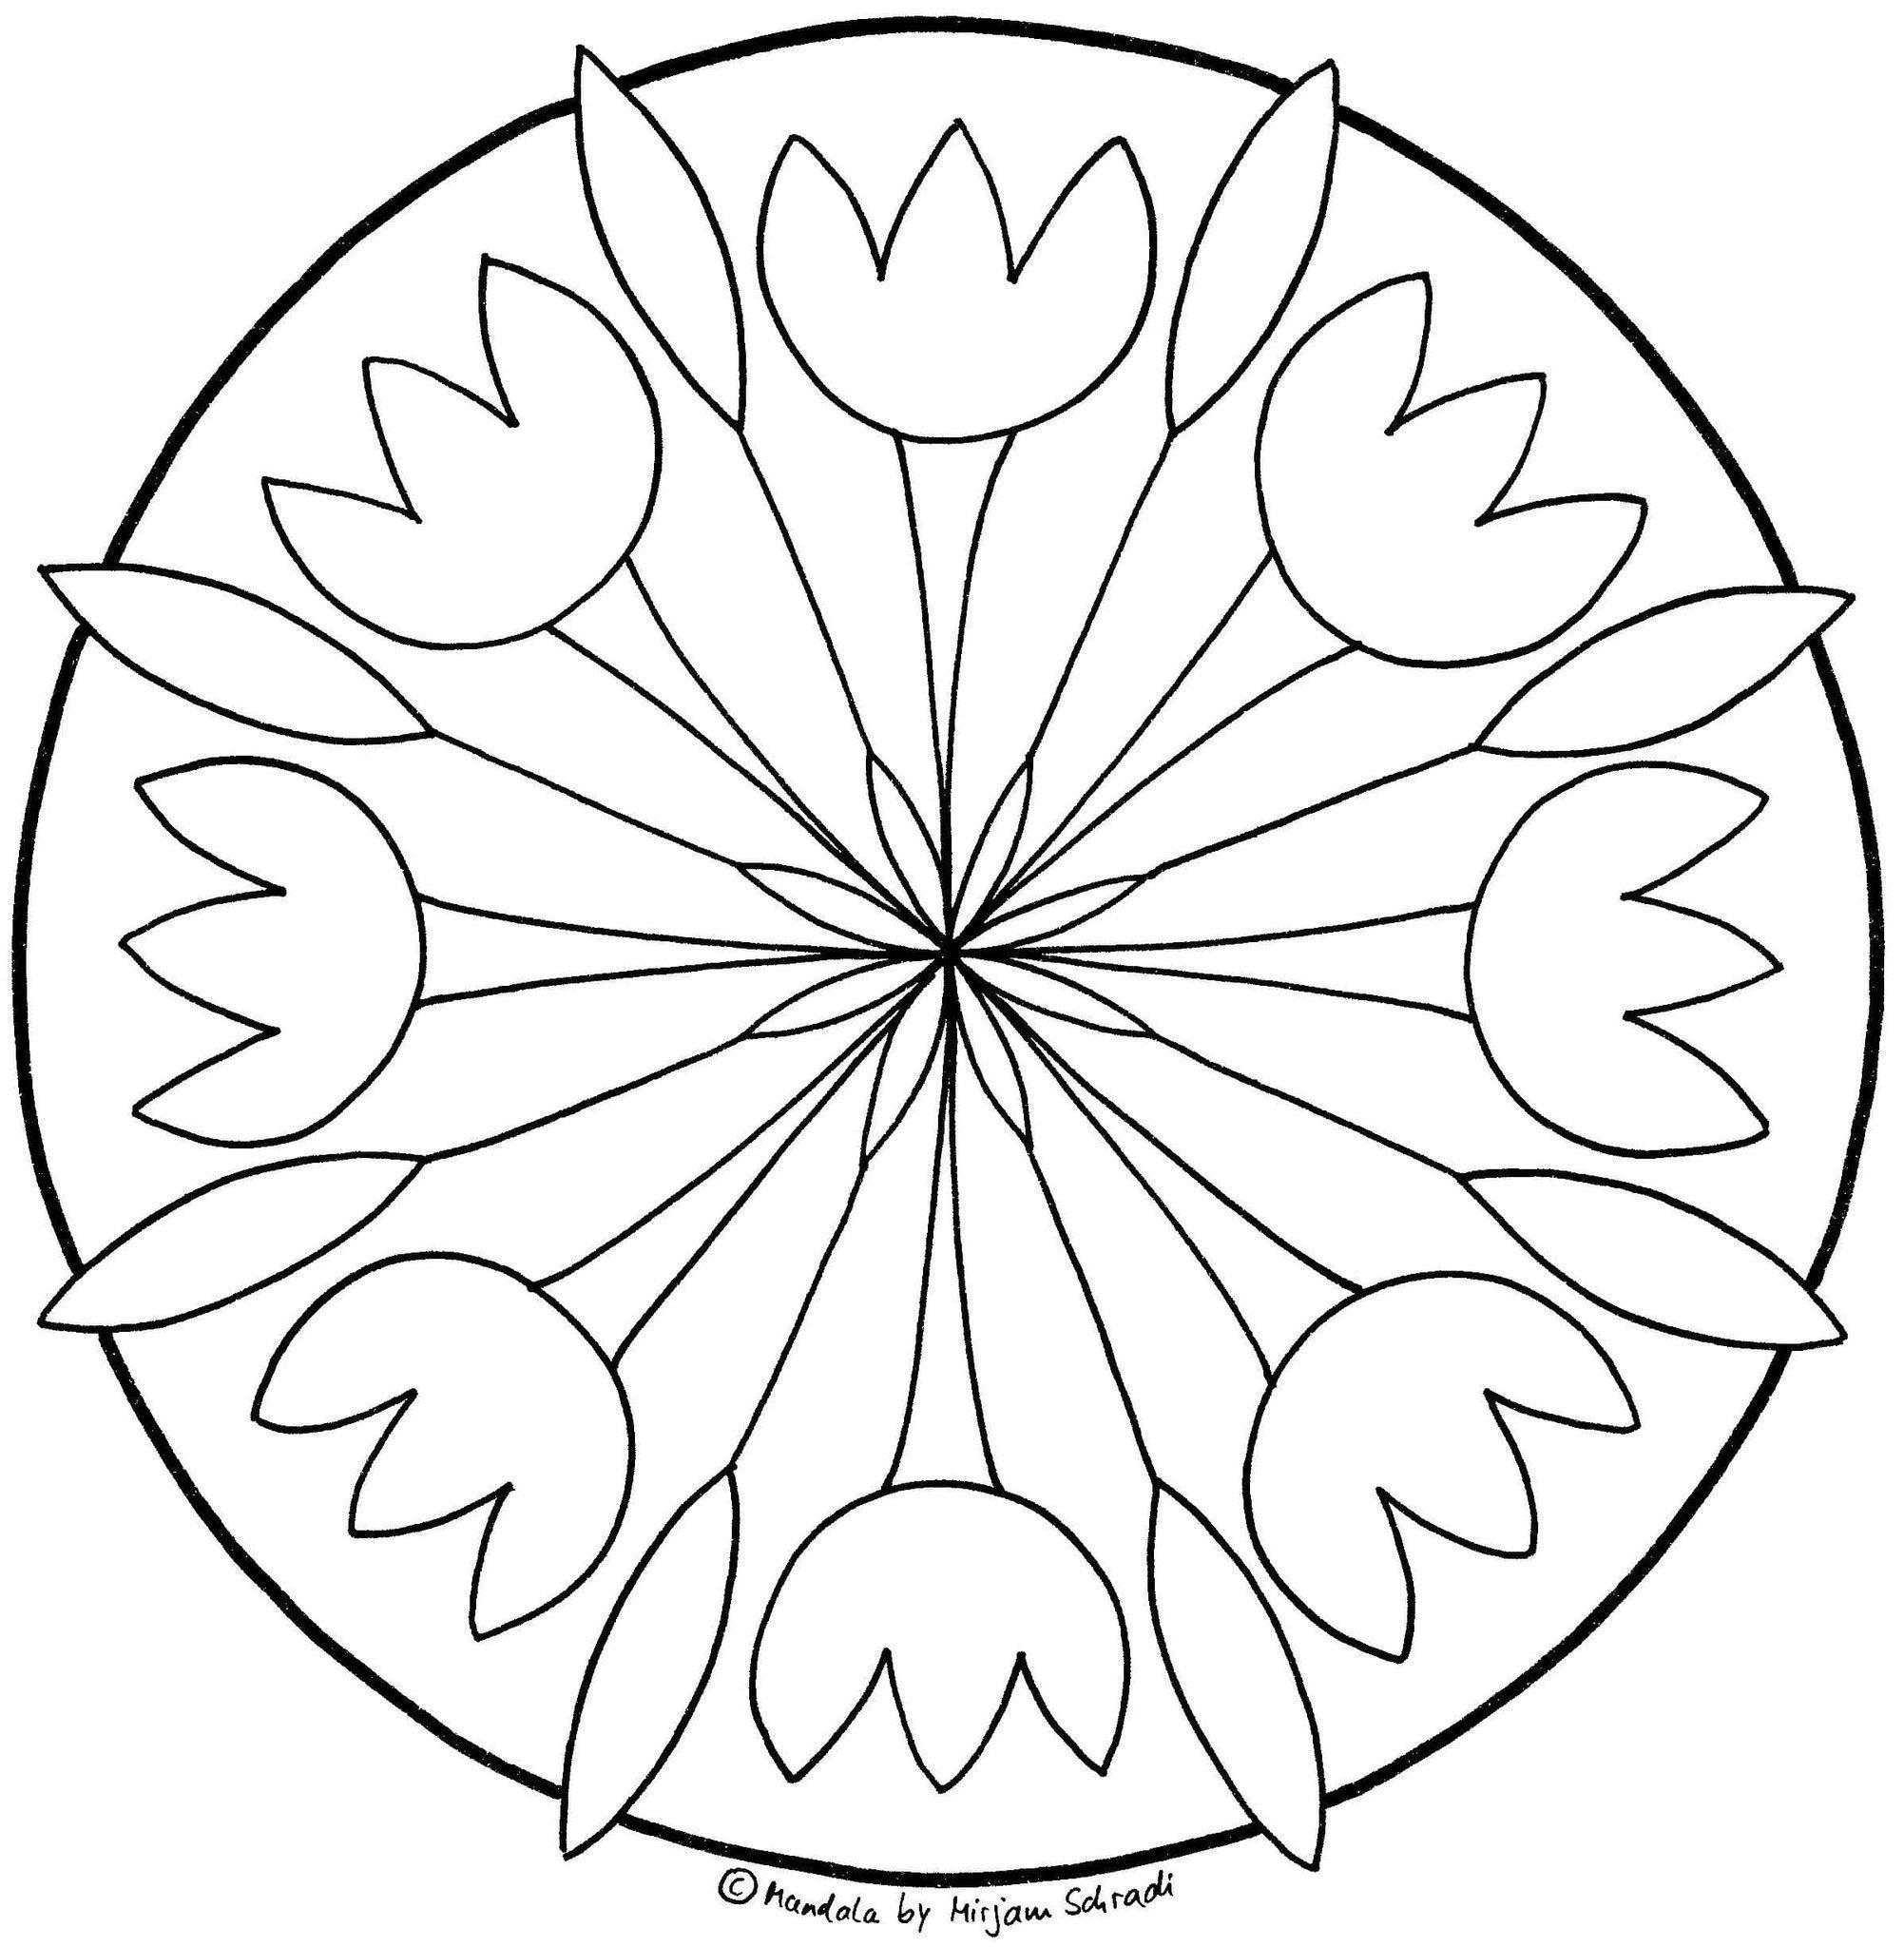 Tulpen Malvorlagen Kostenlos Mandalas Zum Ausdrucken Ausmalen Blumen Ausmalen